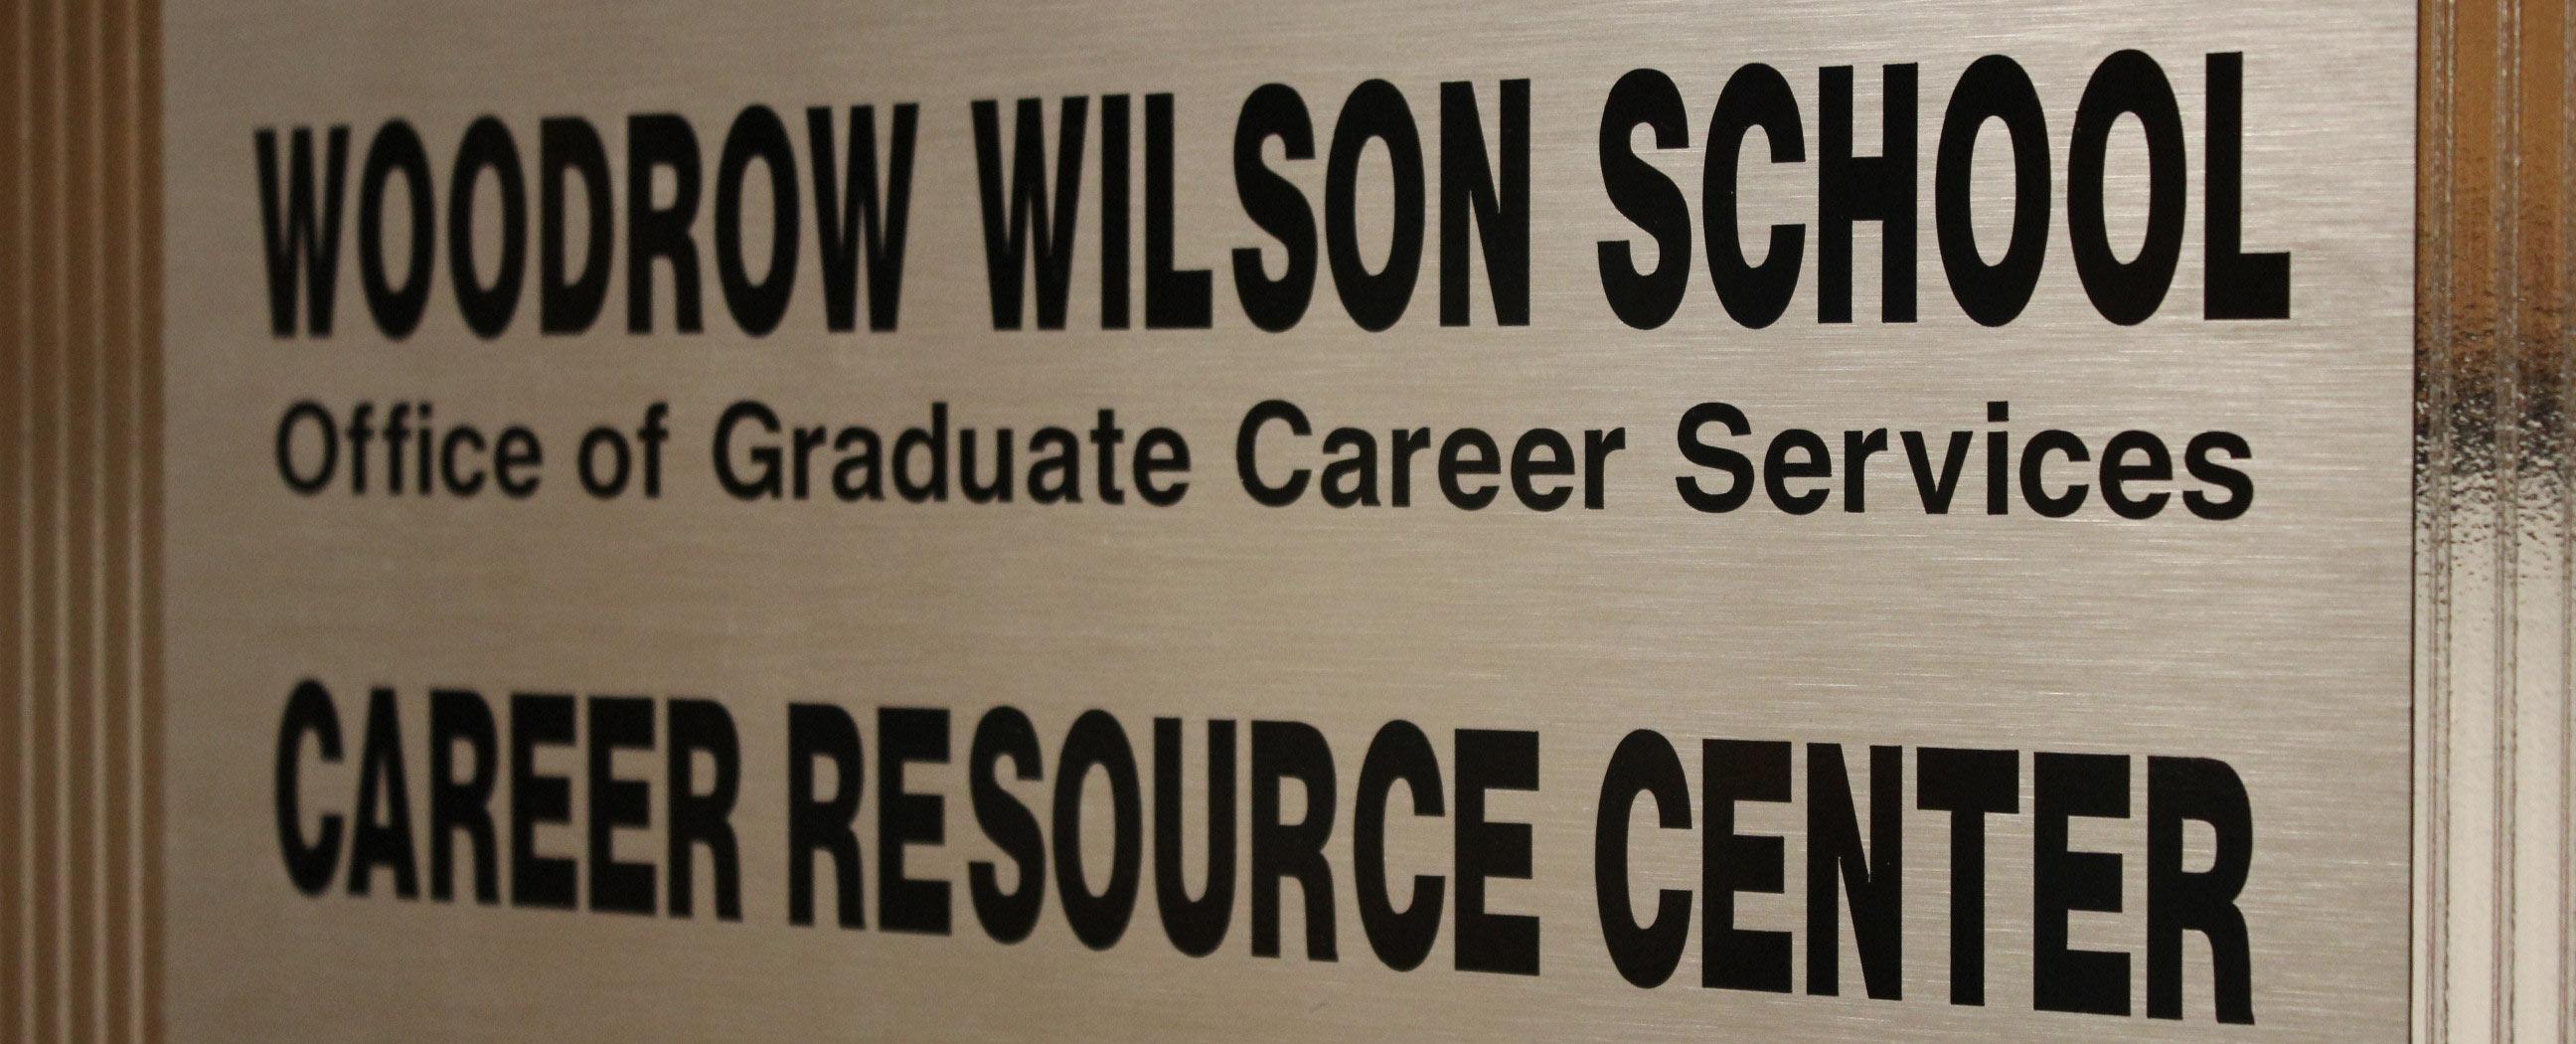 Graduate Career Services